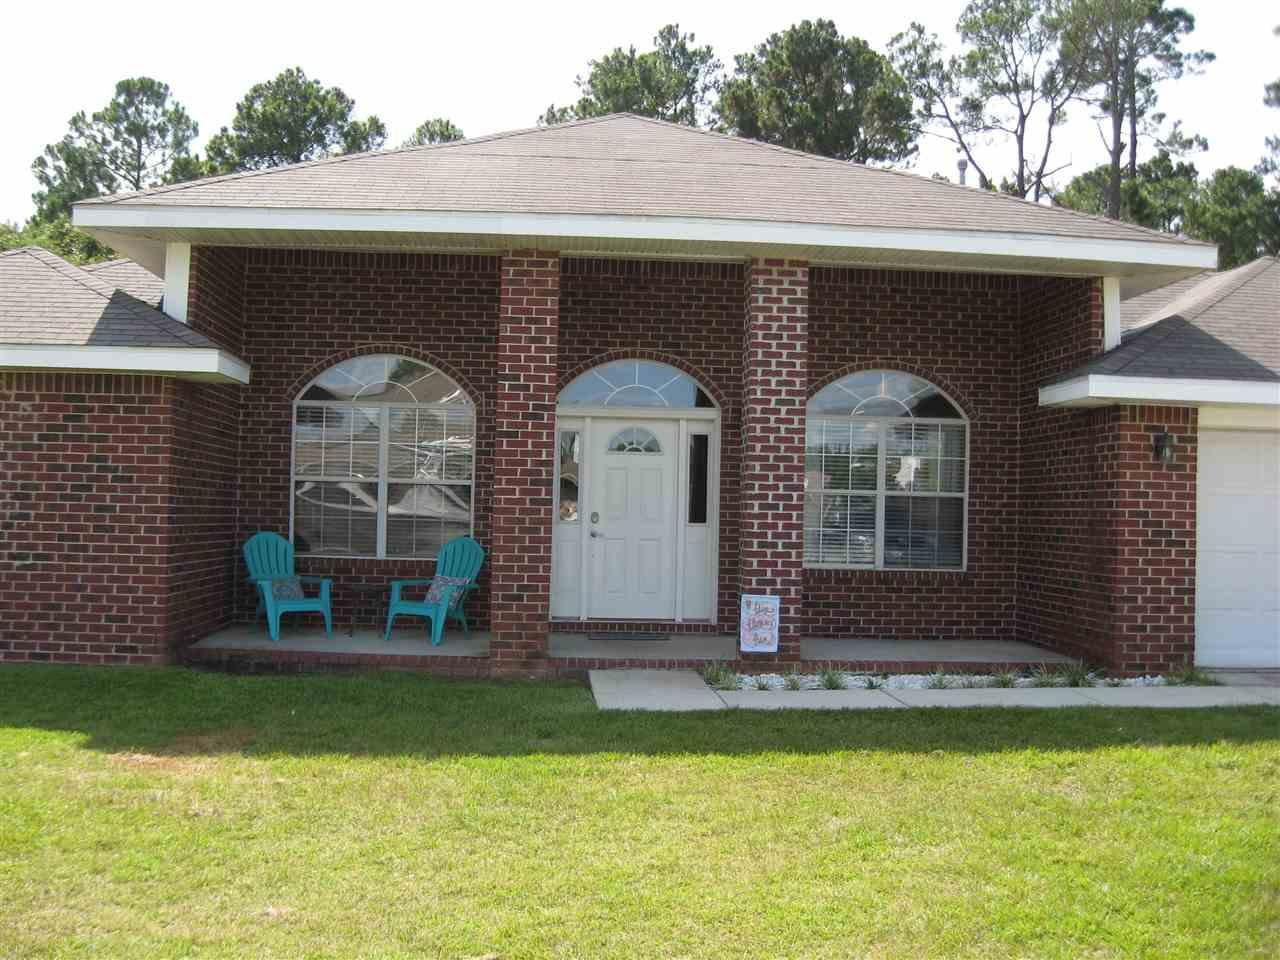 6891 Fort Deposit Dr, Pensacola, FL 32526